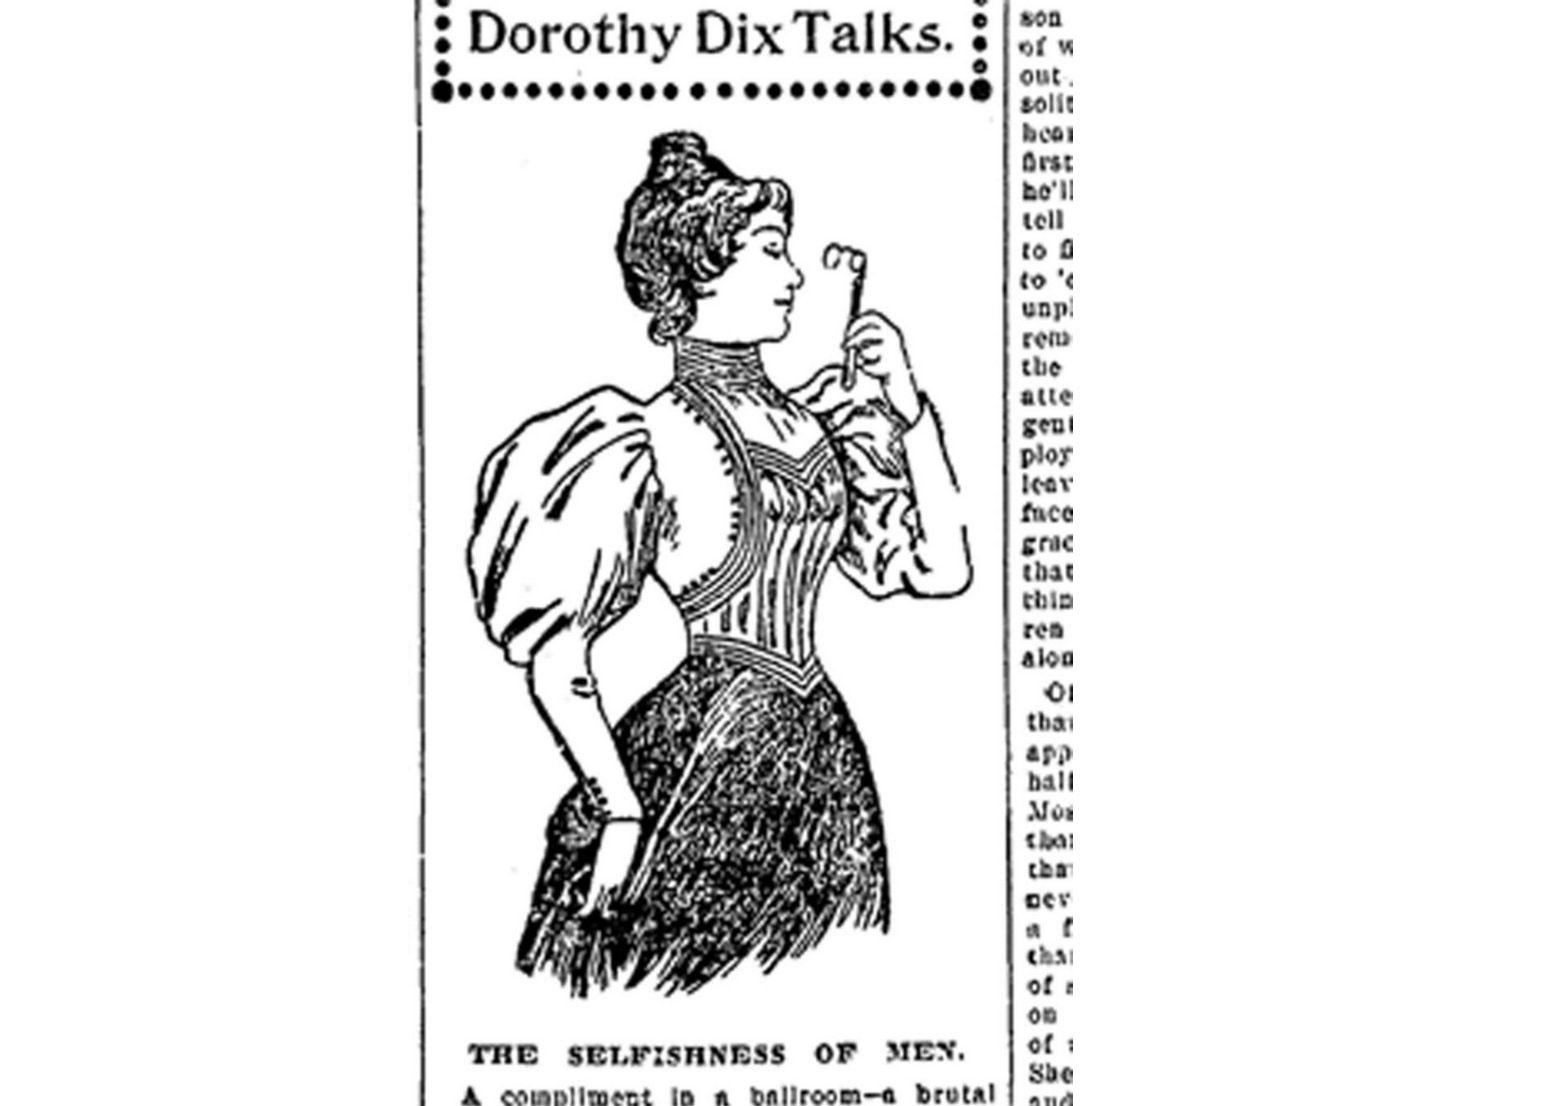 Dorothy_Dix_1898_The_Selfishness_of_Men.jpg